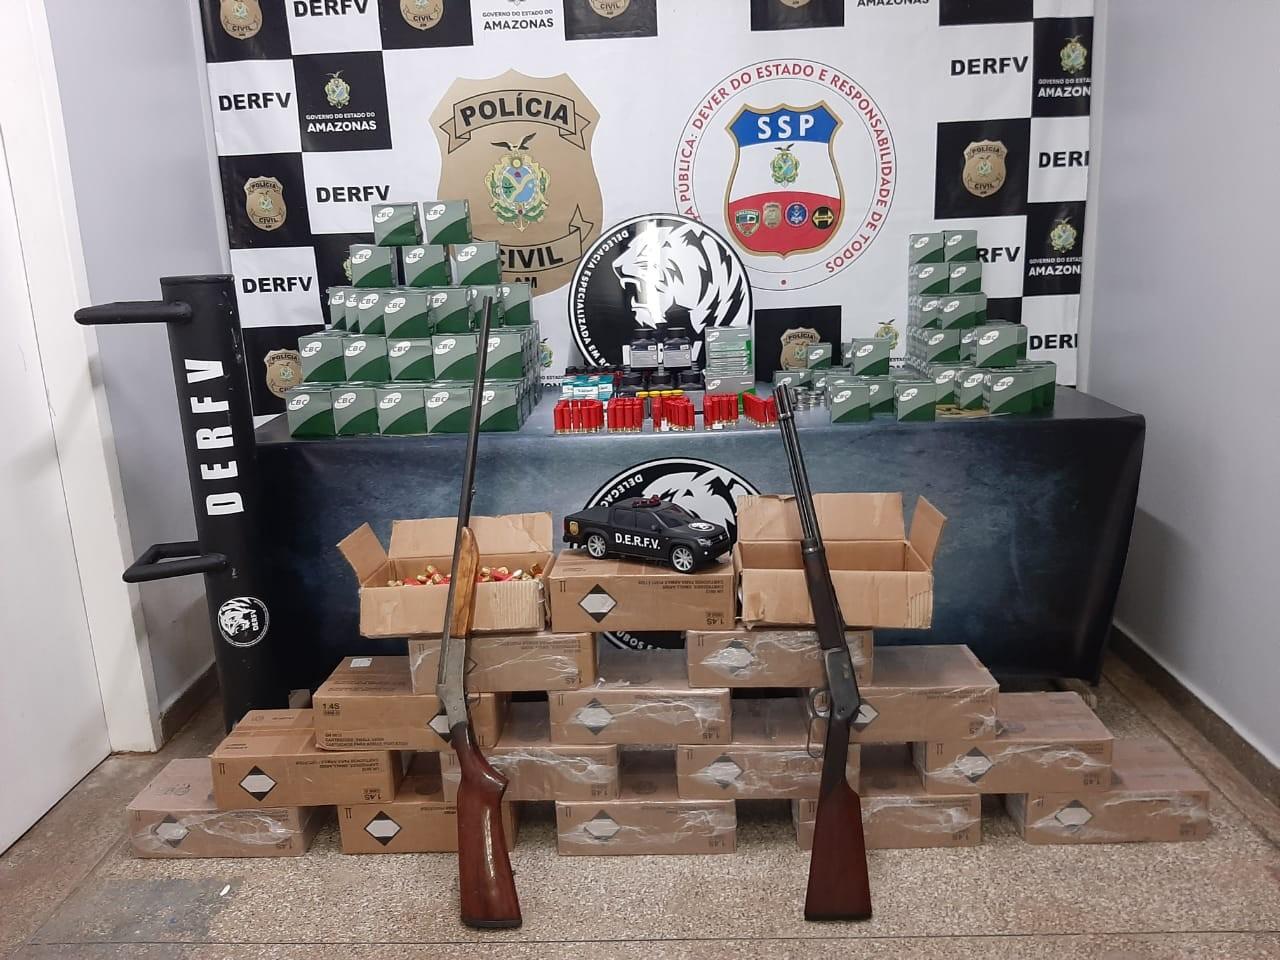 Cerca de 20 mil munições são apreendidas em Manaus e empresária é presa suspeita de contrabando